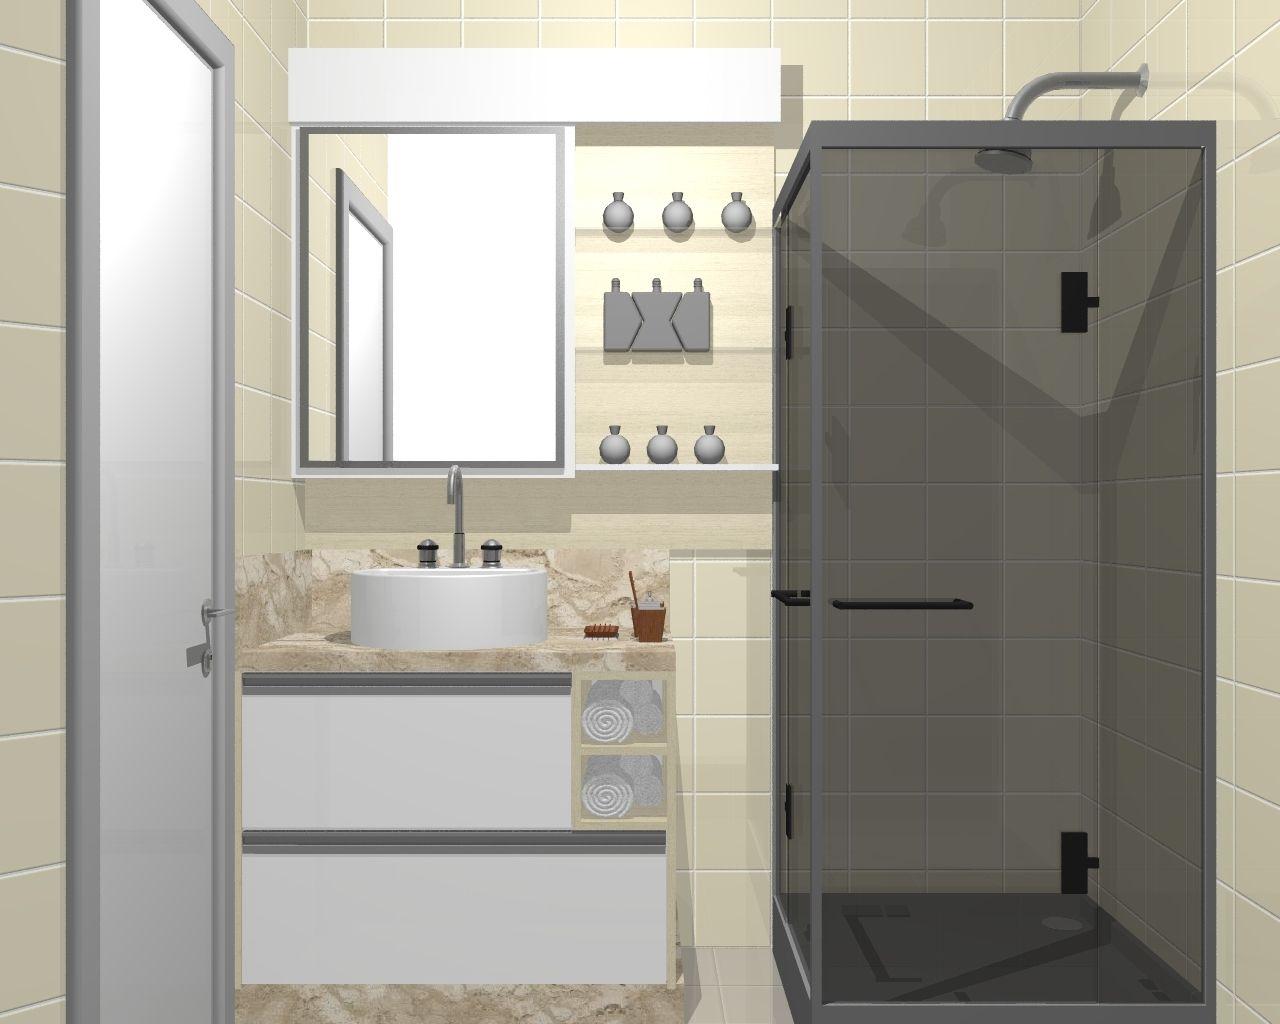 porta de correr com espelho para banheiro - Pesquisa Google